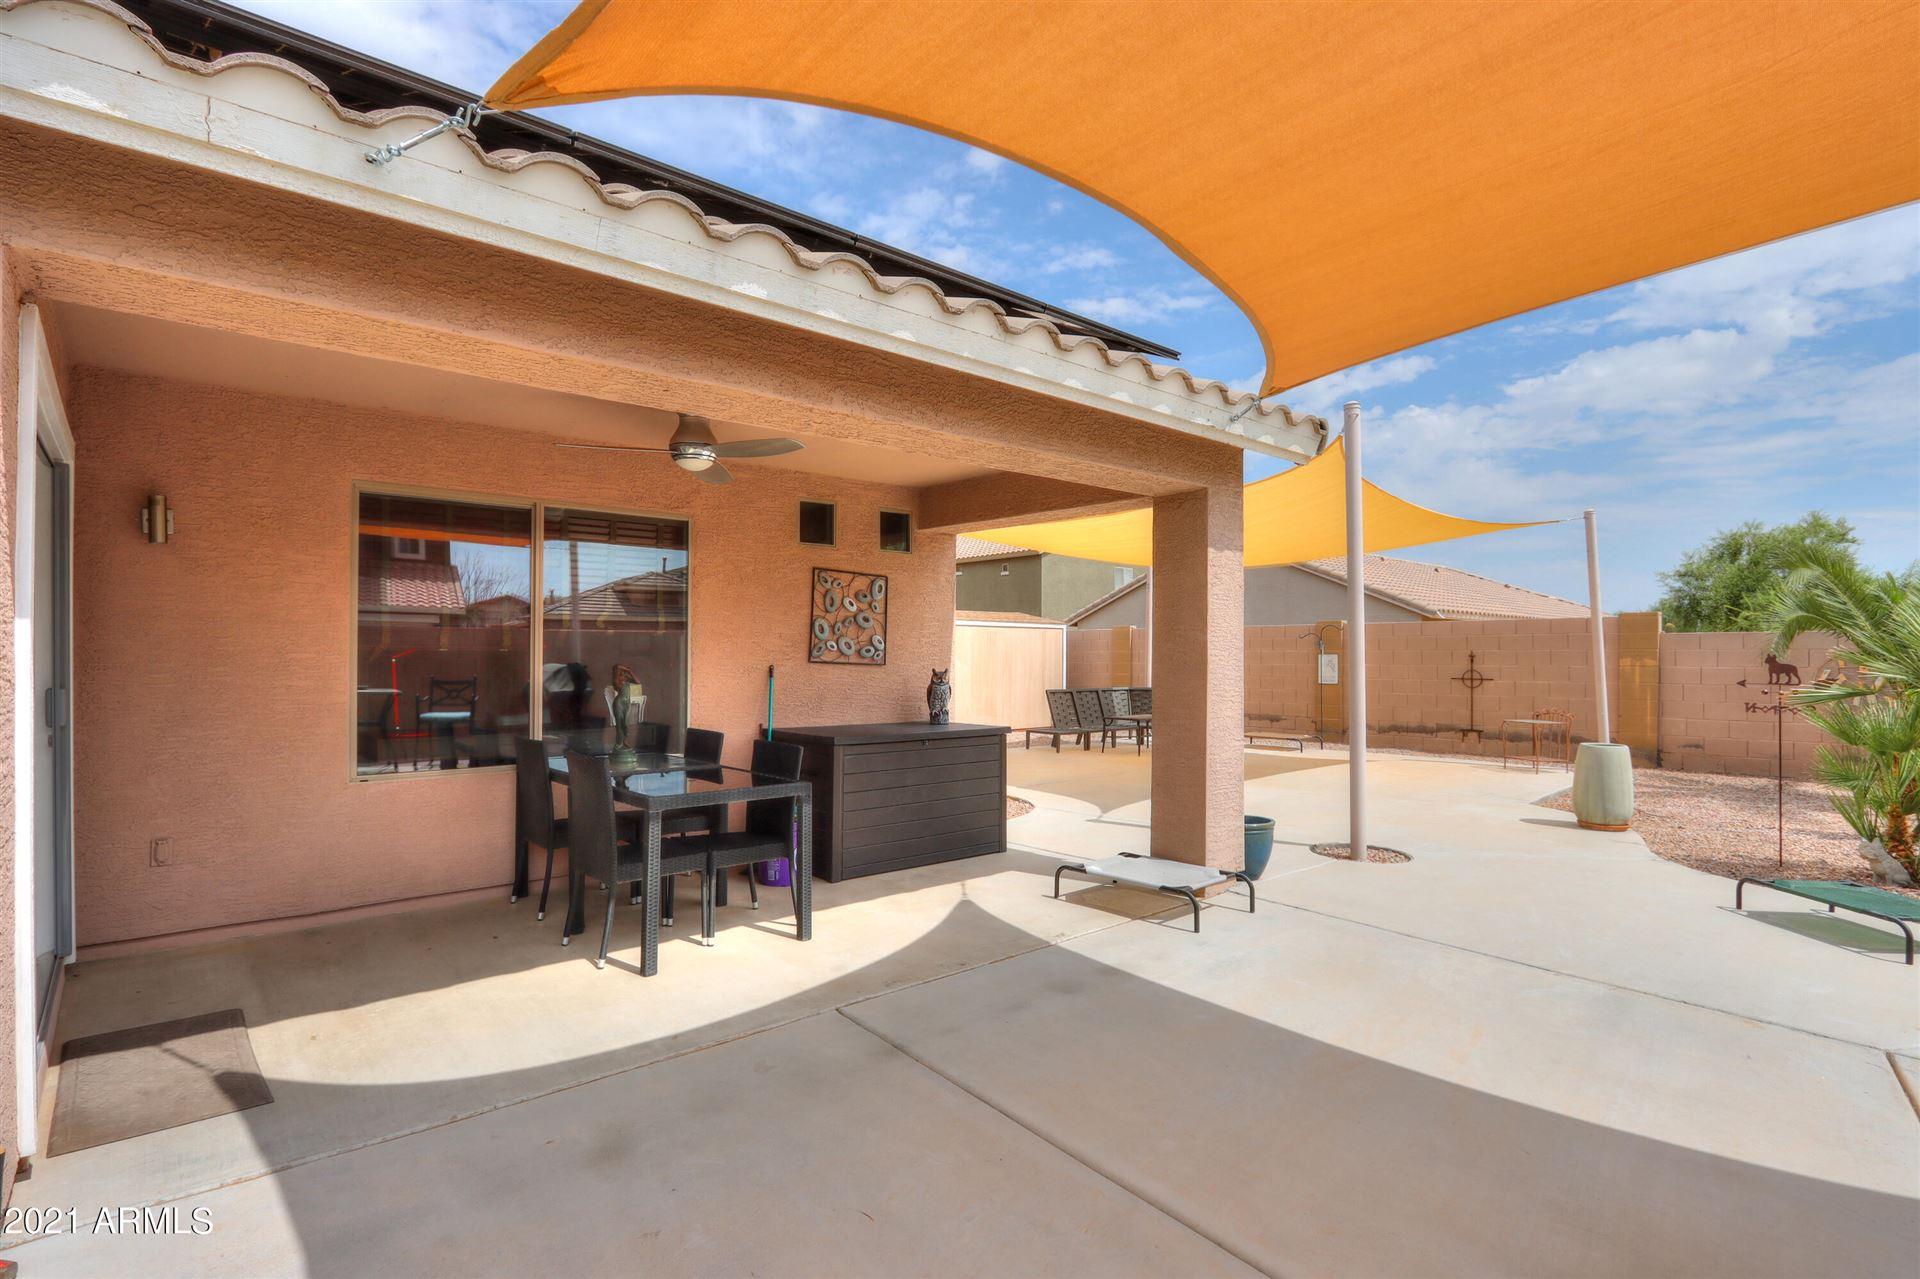 Photo of 20961 N JOCELYN Lane, Maricopa, AZ 85138 (MLS # 6295619)